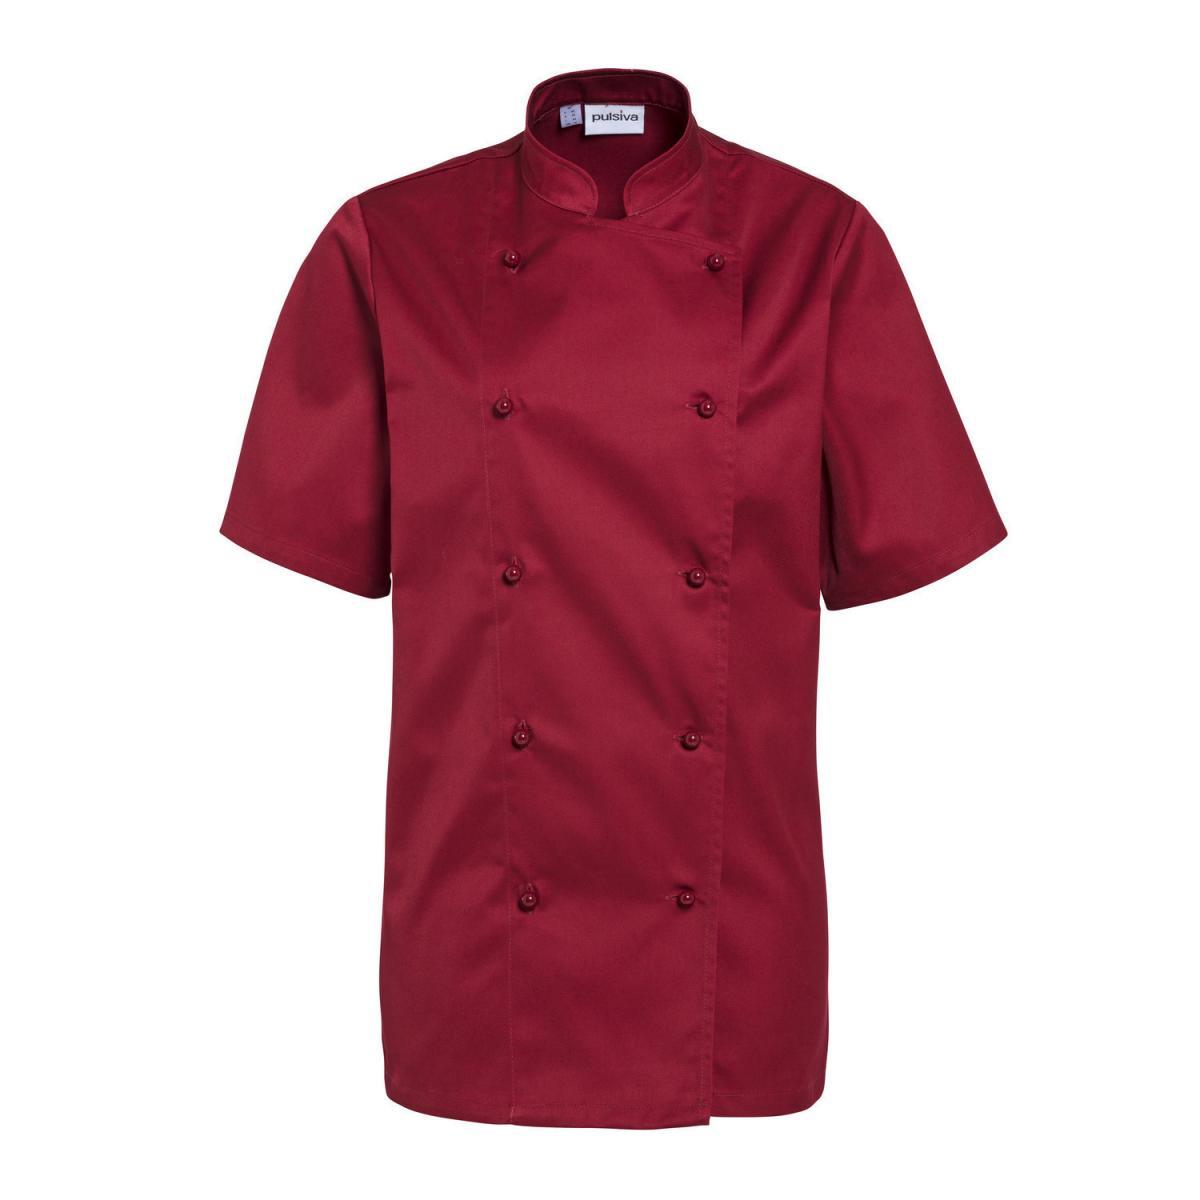 Veste de cuisine femme vestes de cuisine v tements de cuisine v tements professionnels - Vetements professionnels cuisine ...